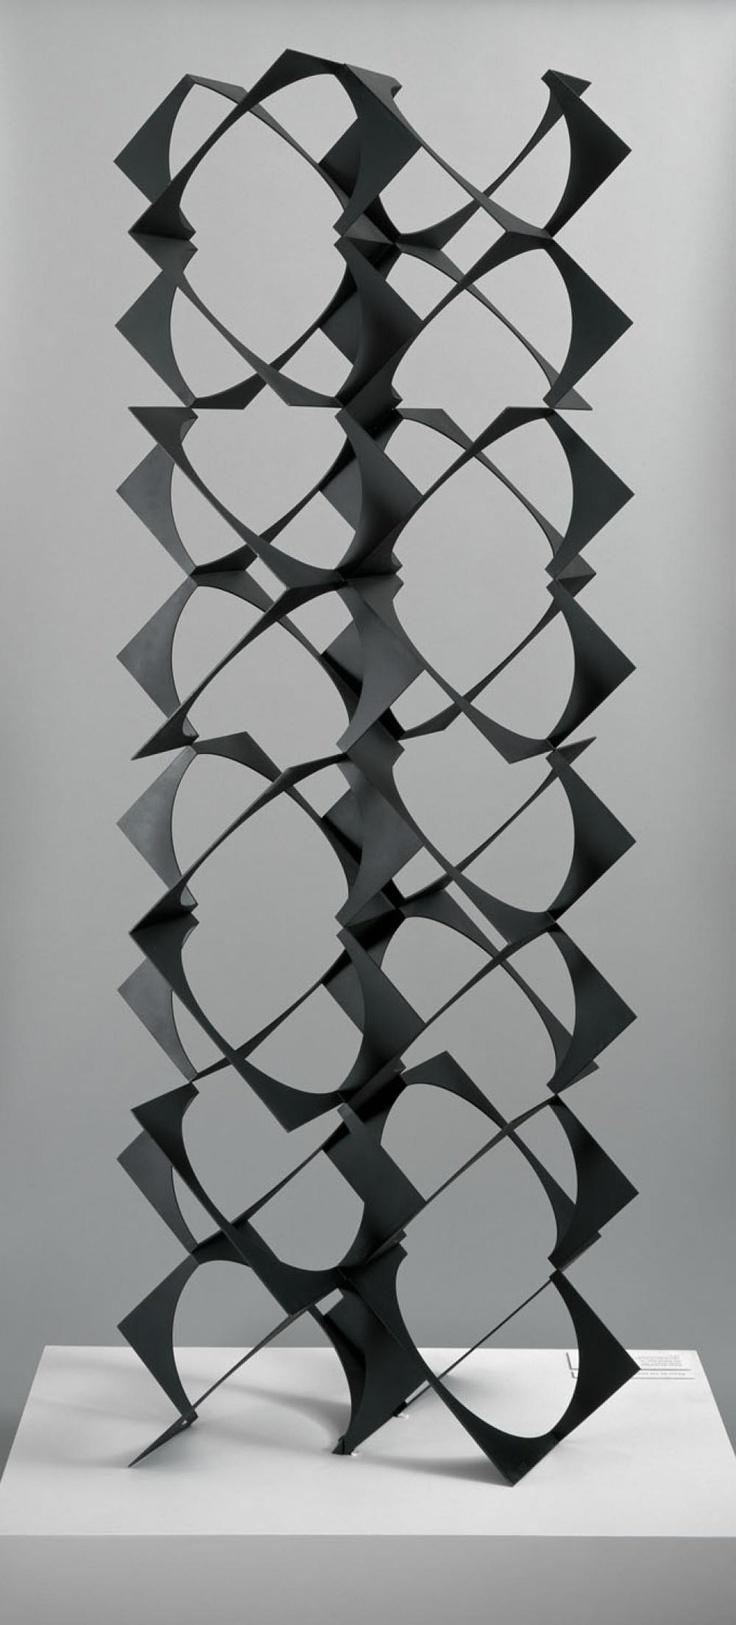 Franz Weissmann - Untitled (Neoconcrete Sculpture) http://www.lainvencionconcreta.org/en/artwork/76/